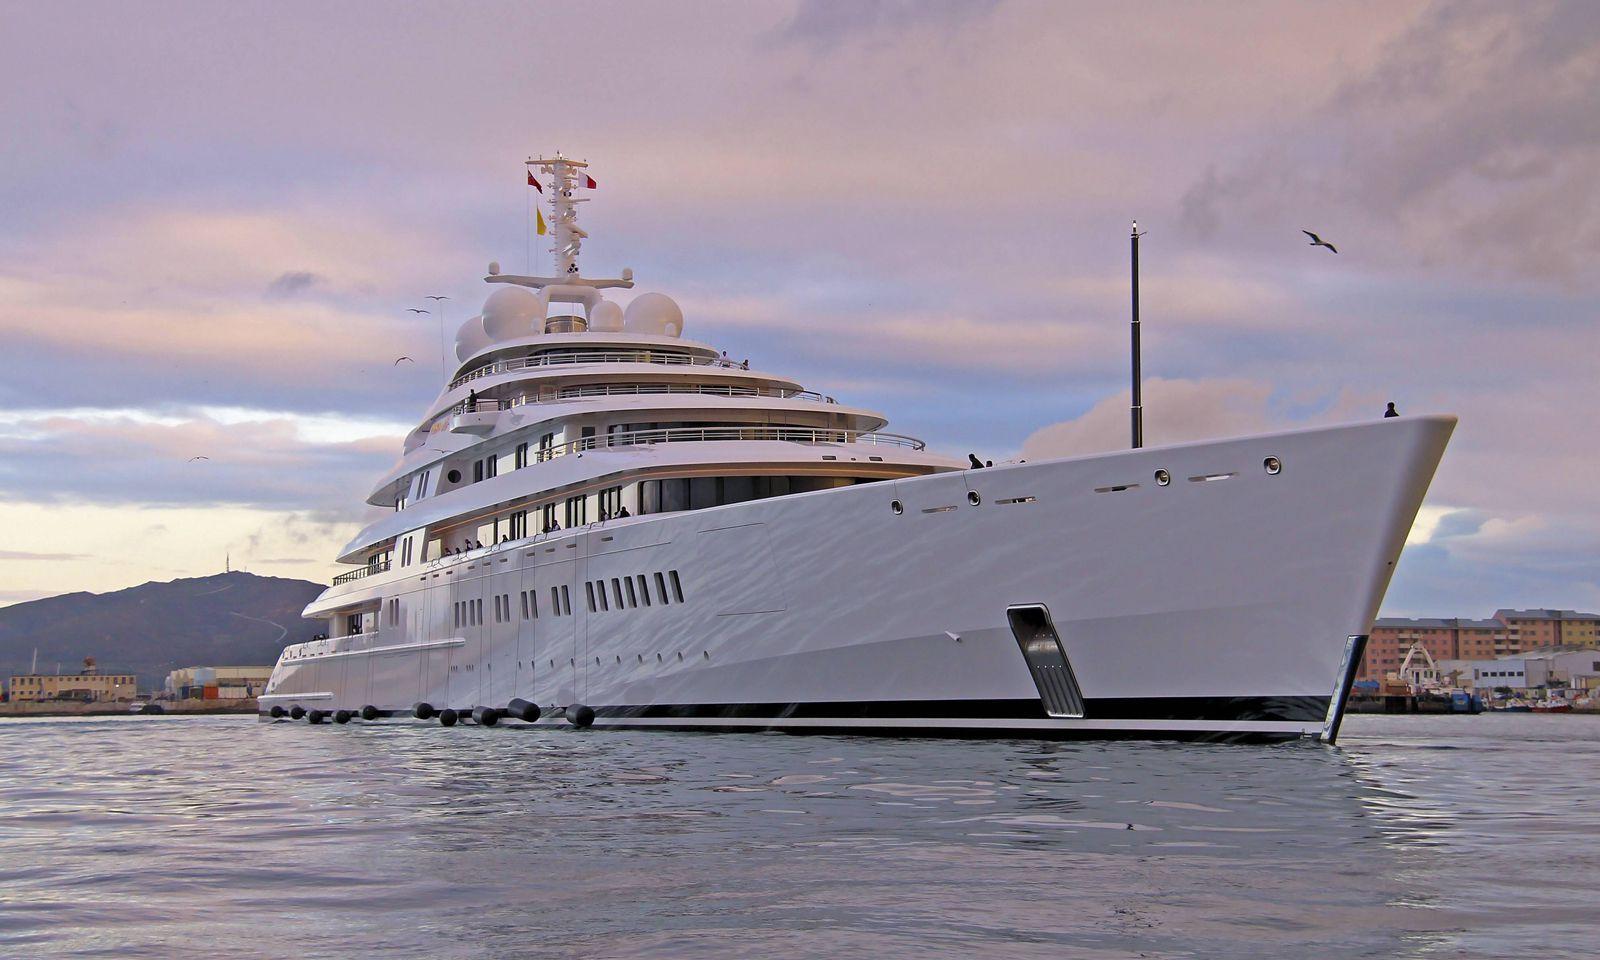 Motoryacht AZZAM gebaut von der Bremer Werft L�rssen Yachts f�r Scheich Chalifa bin Zayid Al Nahyan